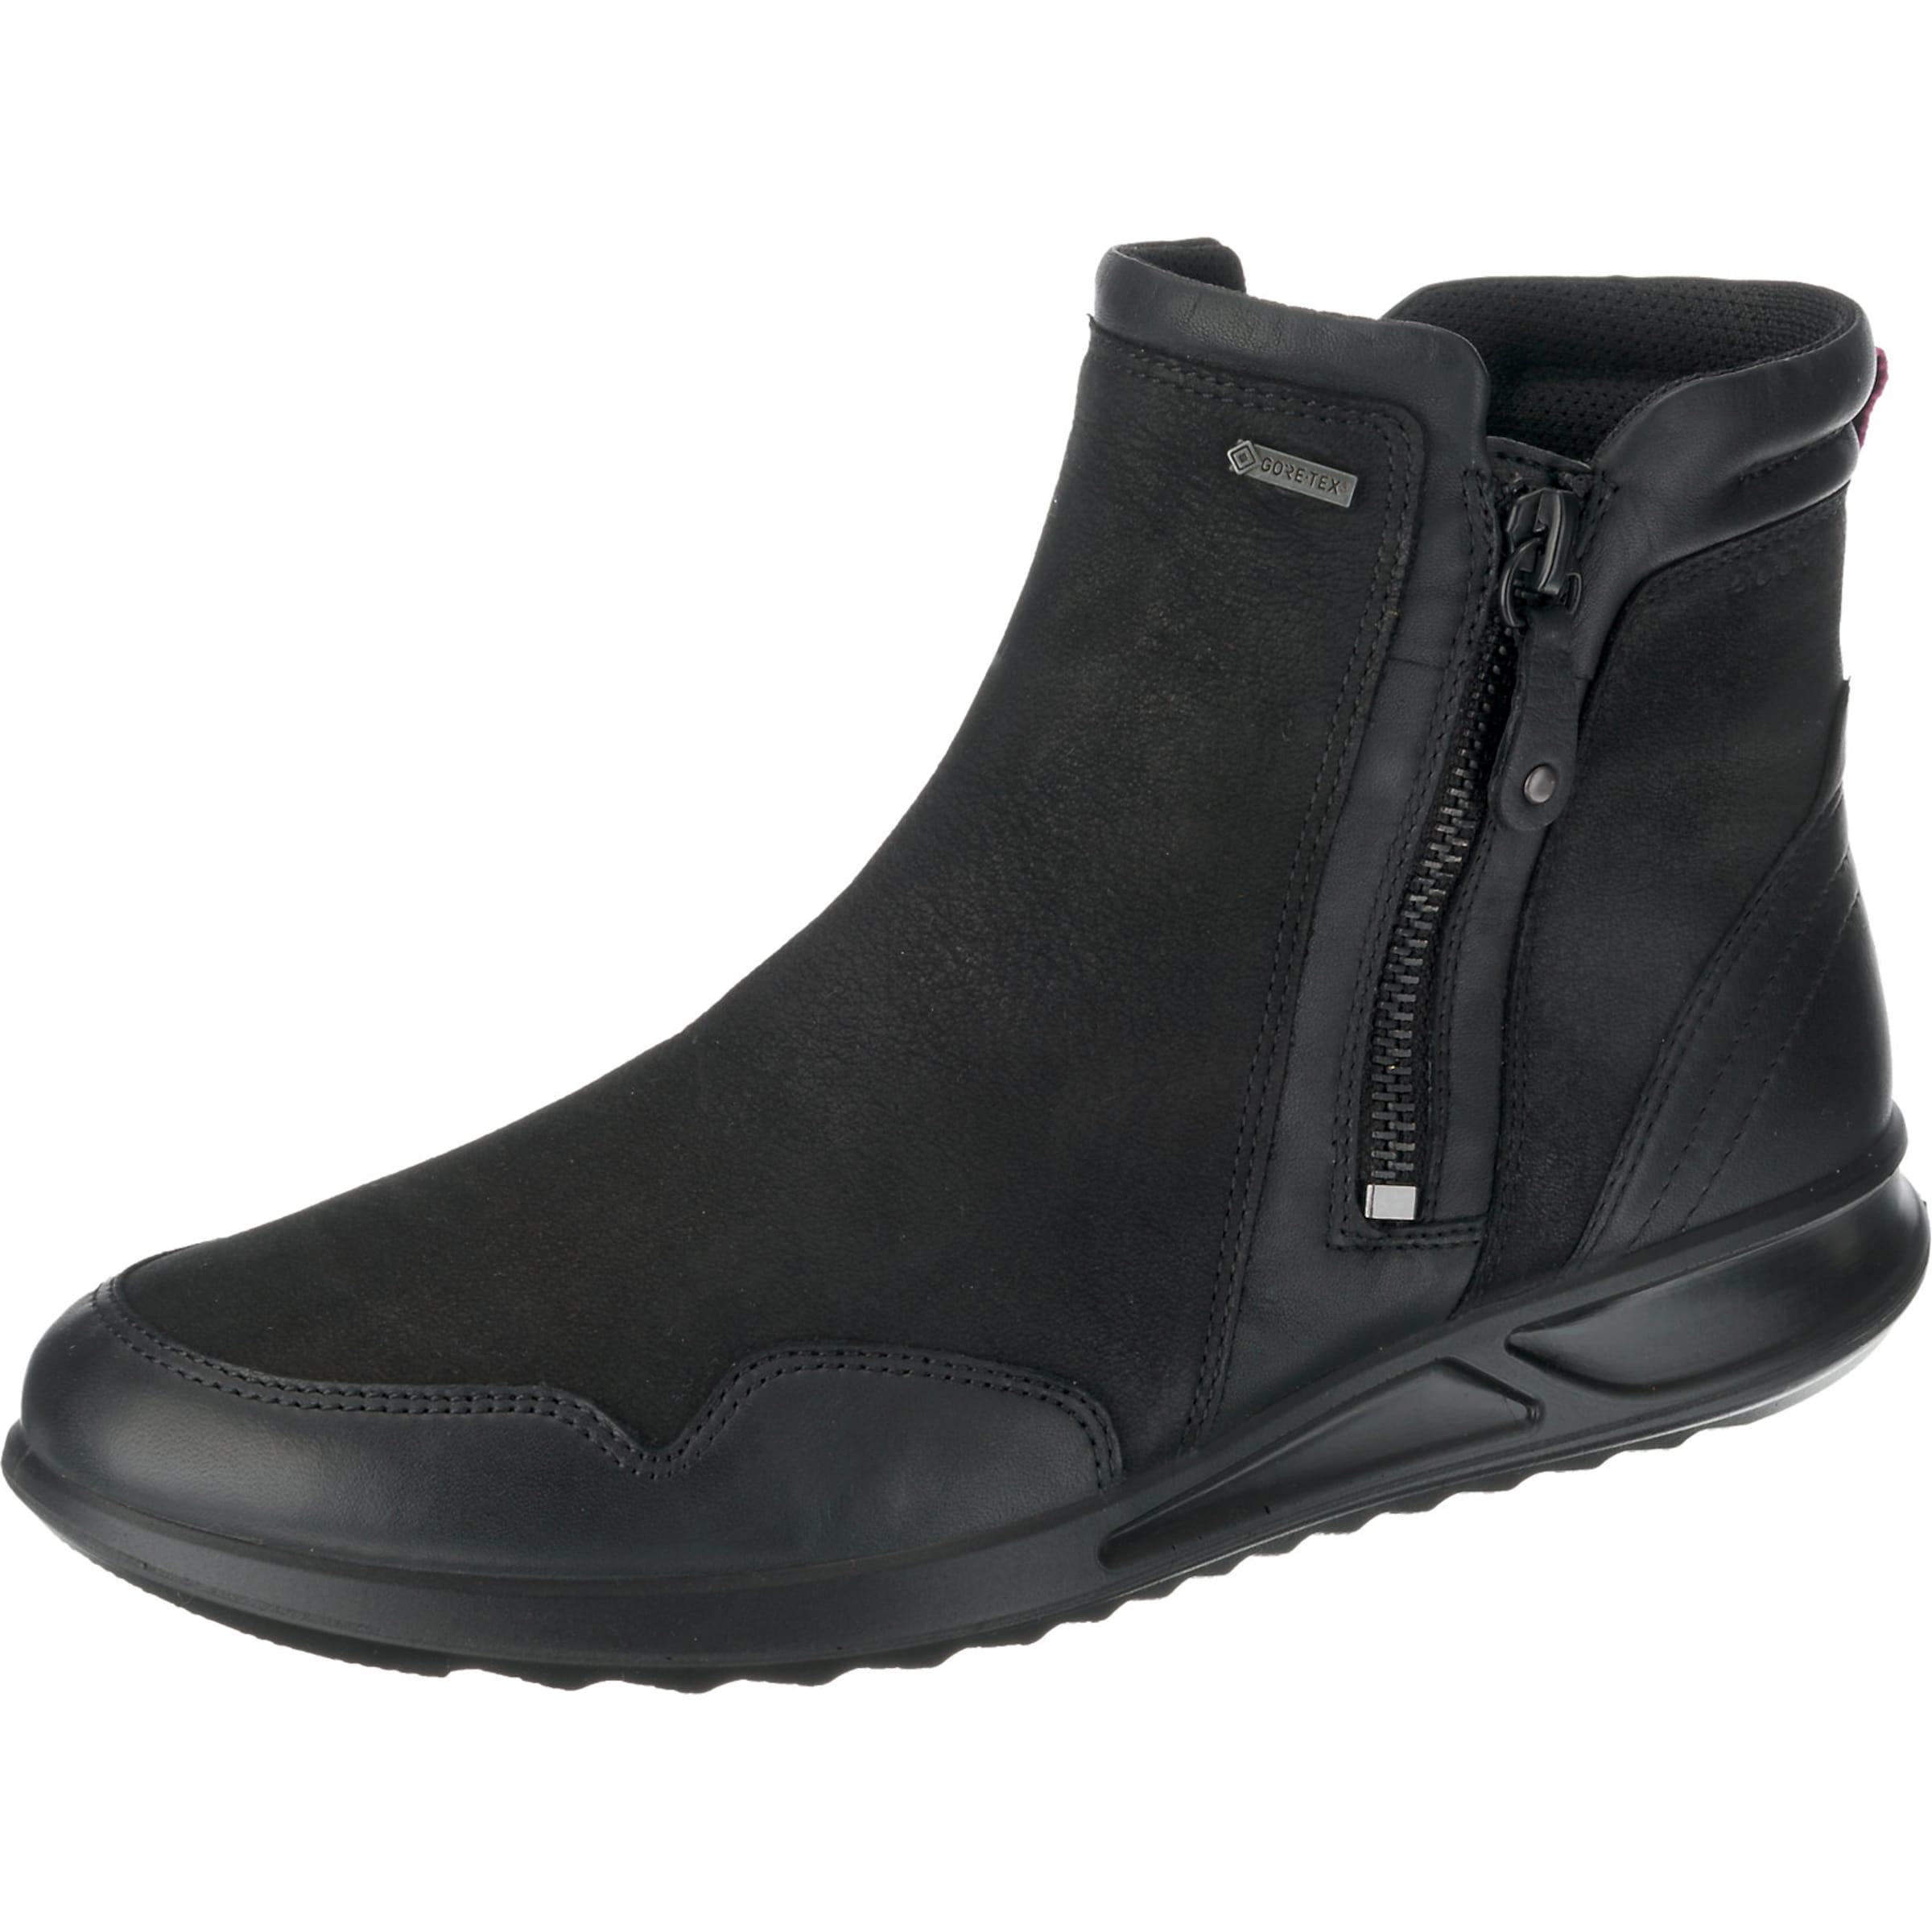 ECCO Genna Stiefeletten Günstige und langlebige Schuhe